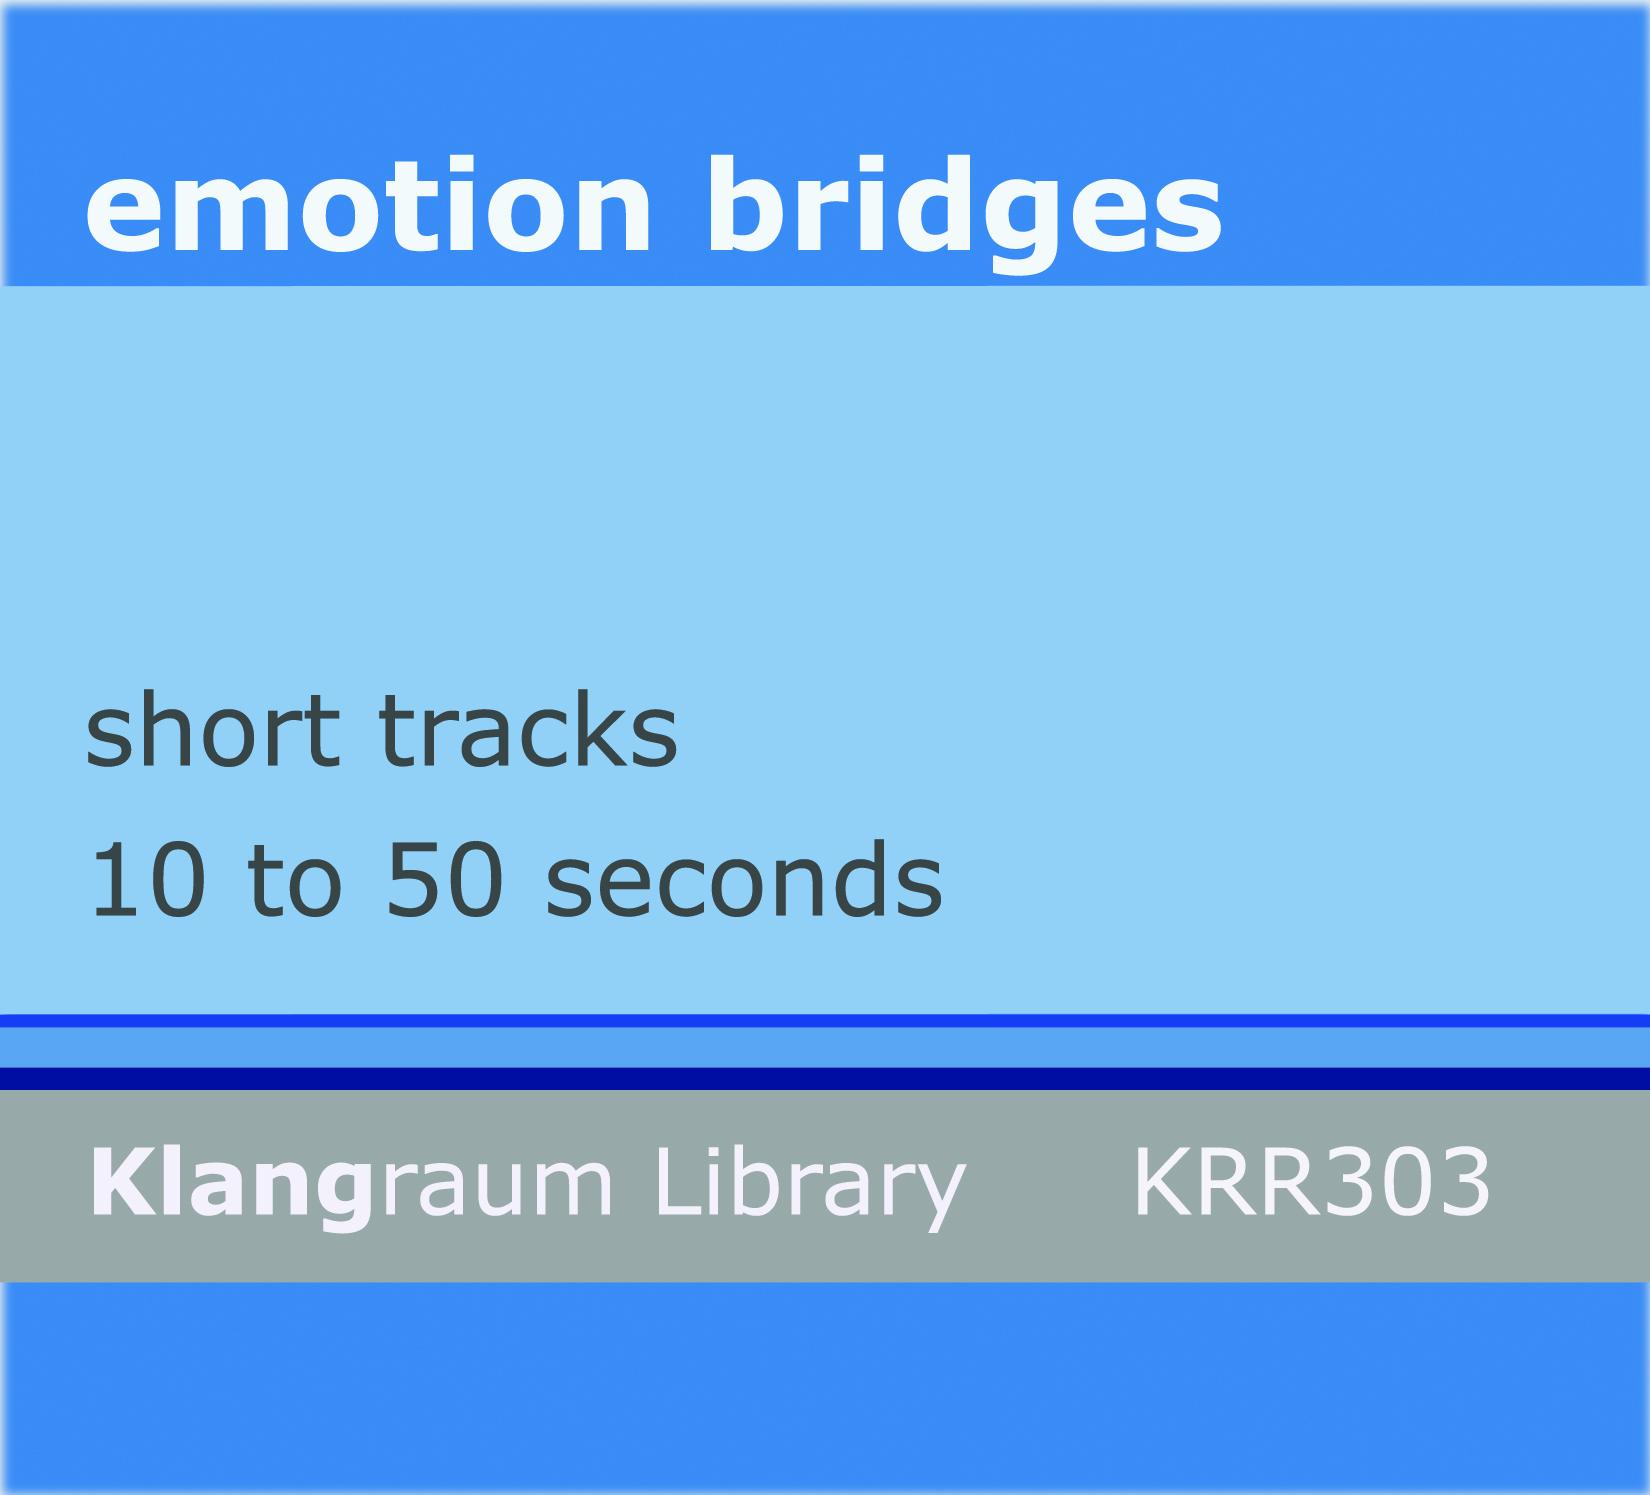 LIB-KRR303